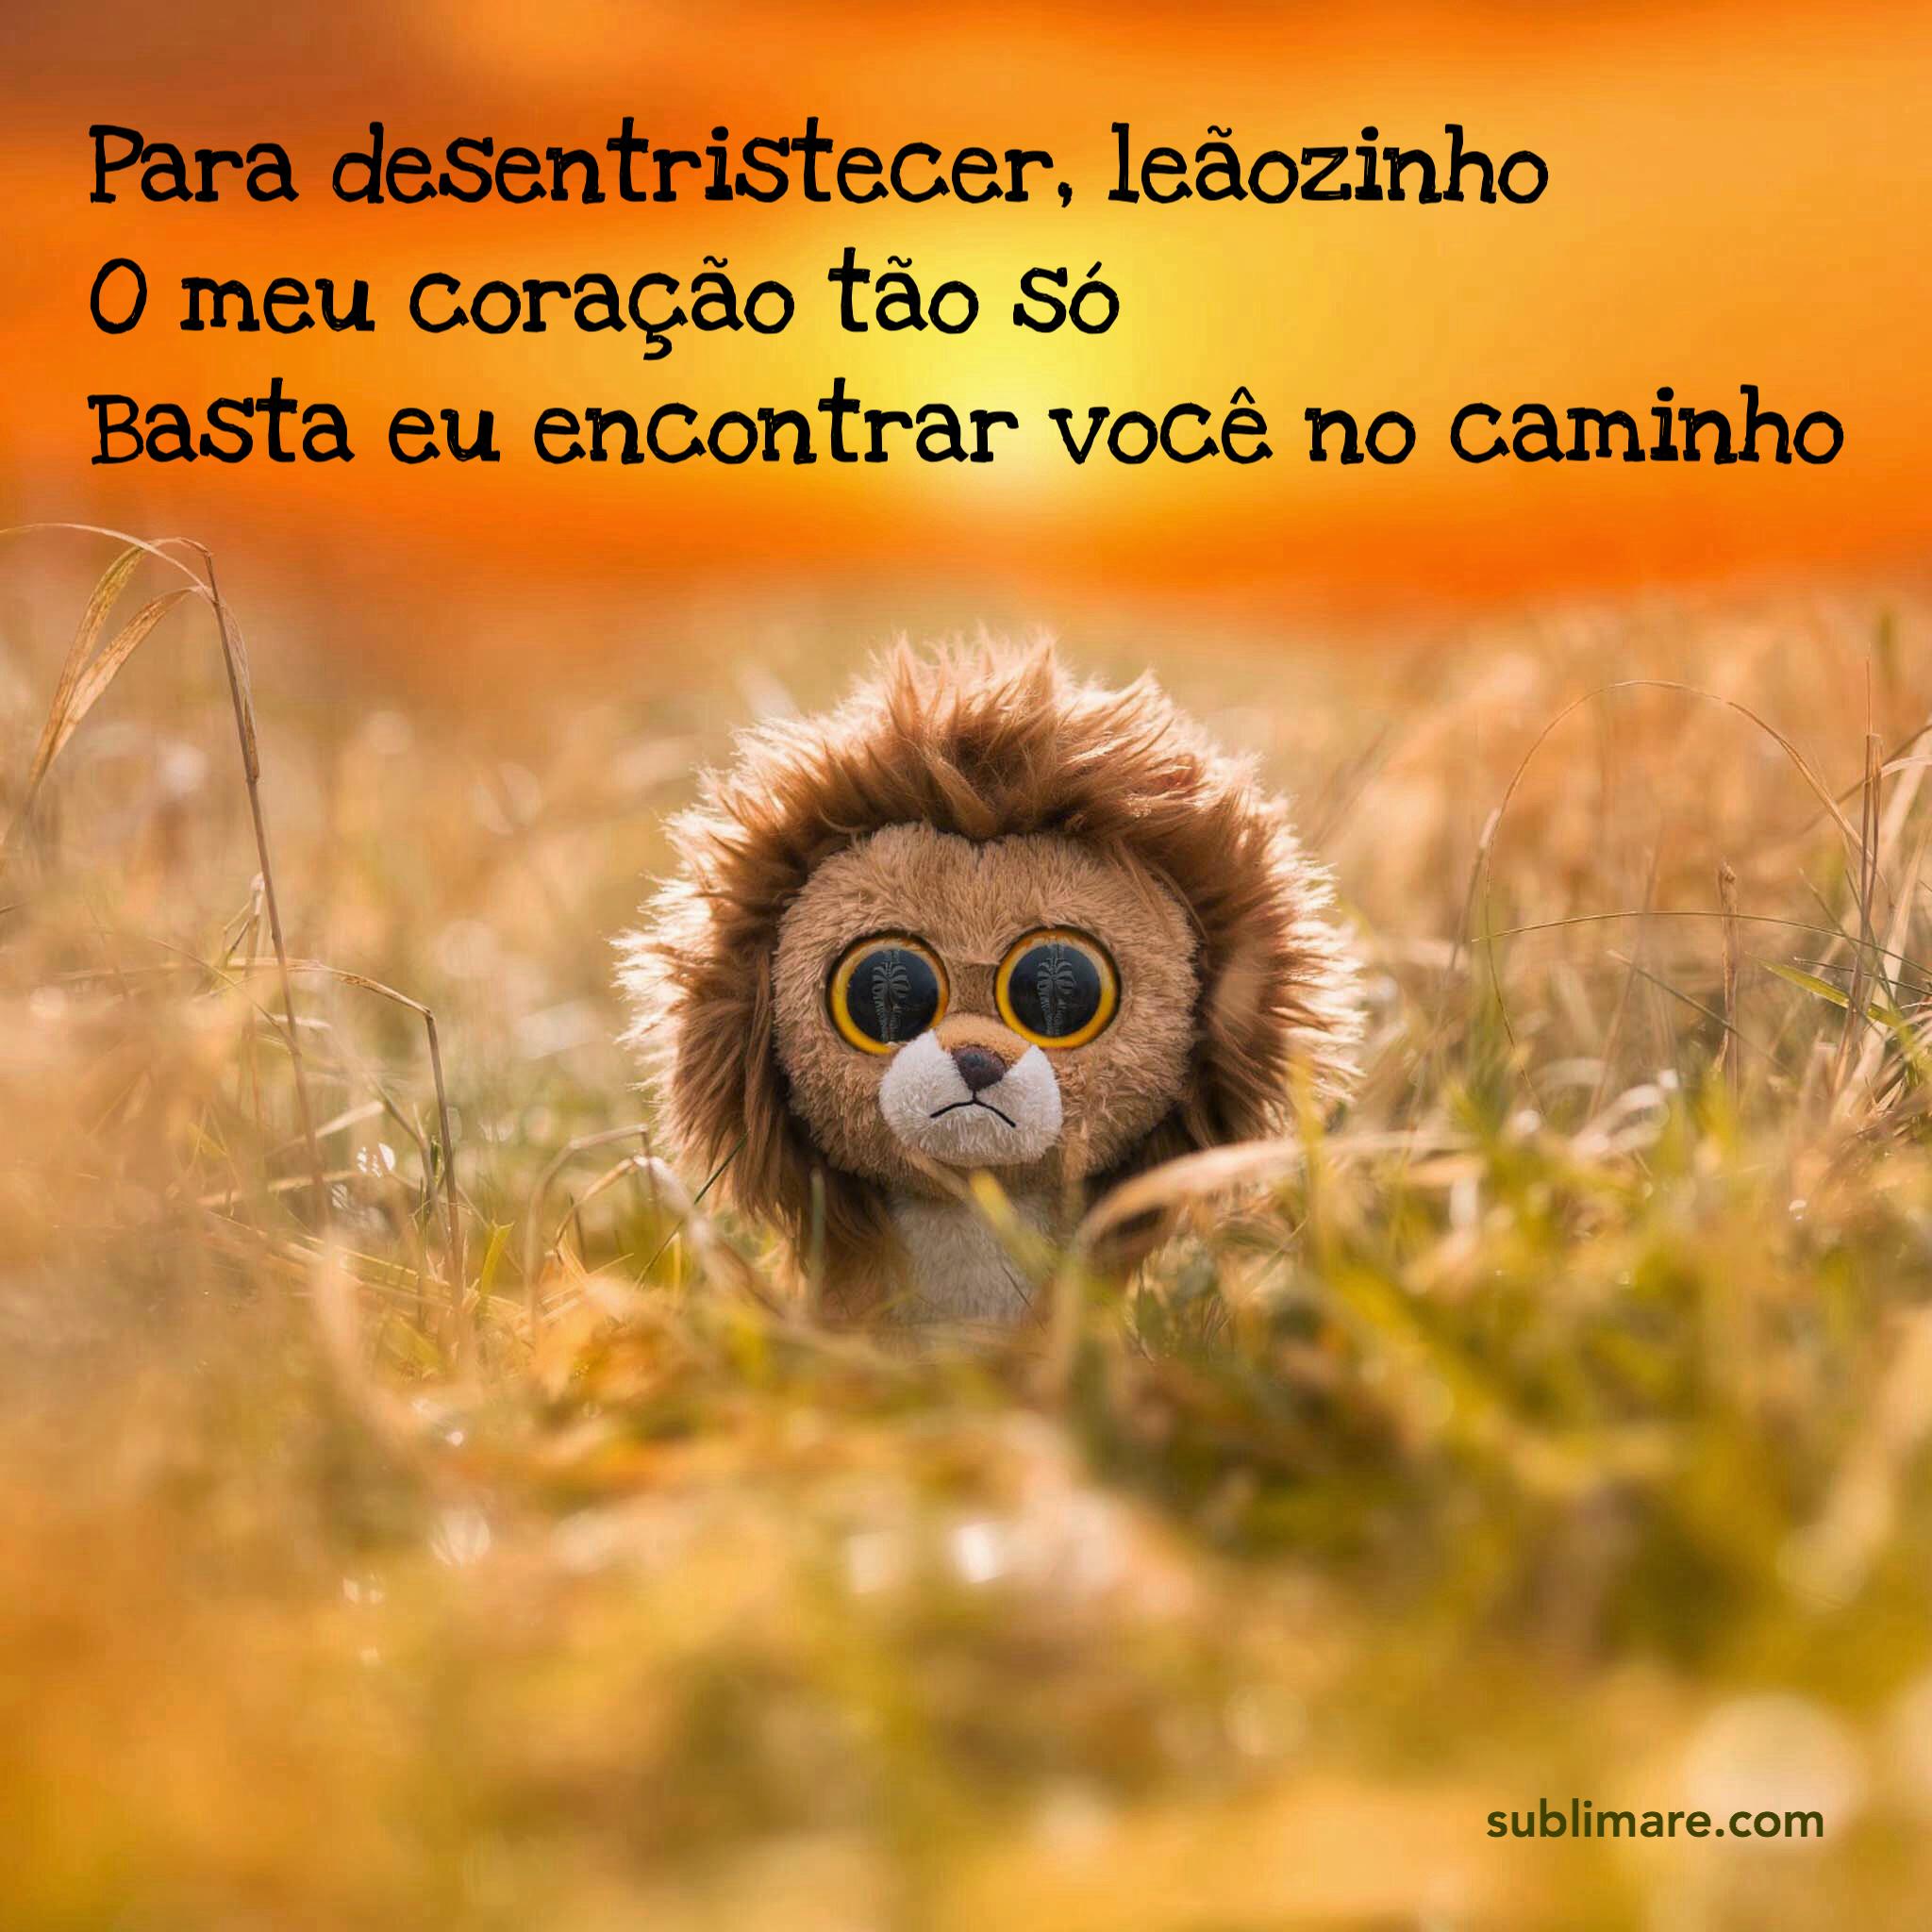 O Leãozinho de Caetano Veloso por Priscilla Ahn